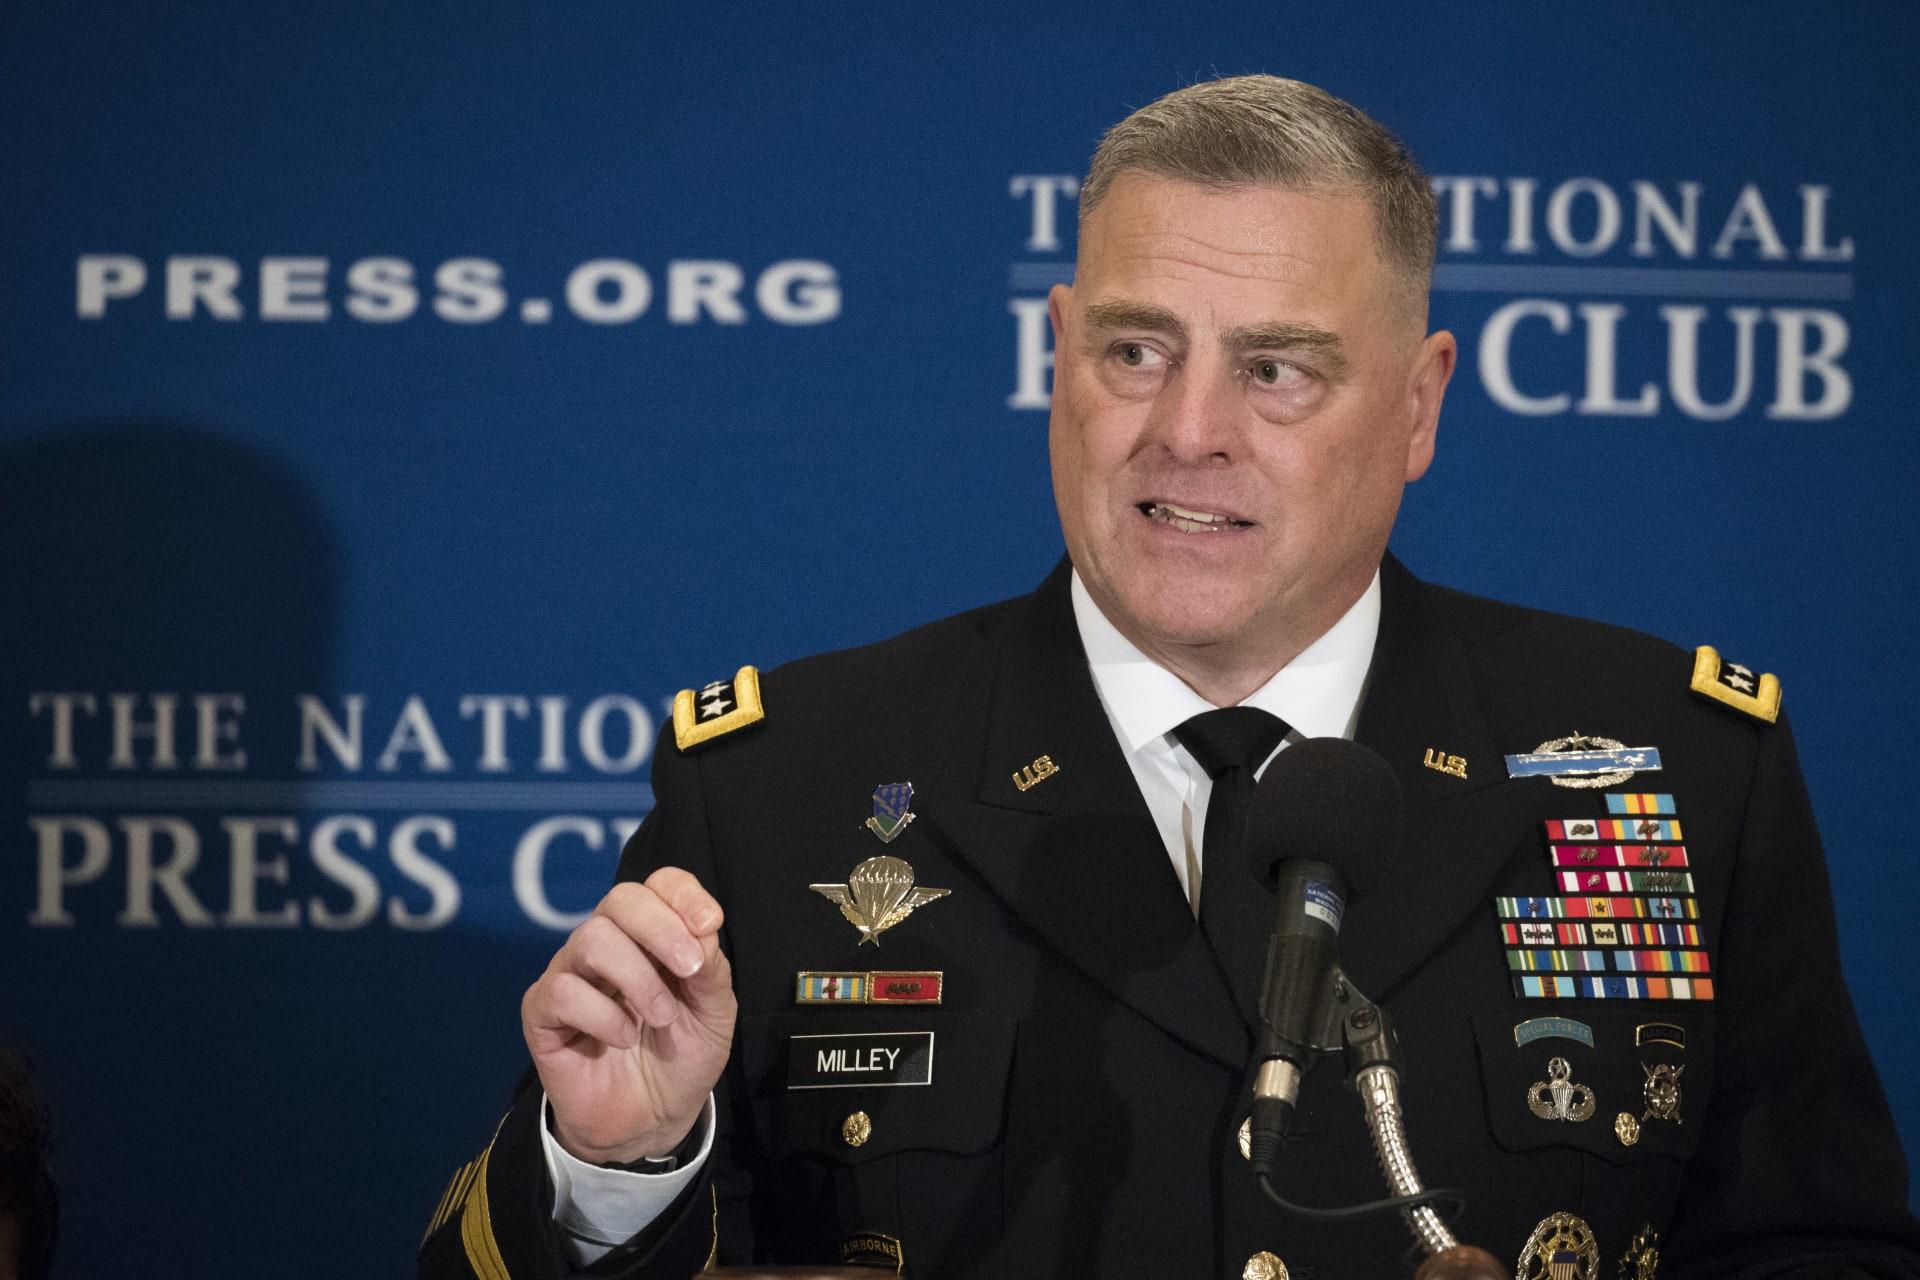 رئيس أركان الجيش الأمريكي: إيران قصدت قتل قواتنا بالعراق.. وبغداد لم تحذرنا من القصف الصاروخي